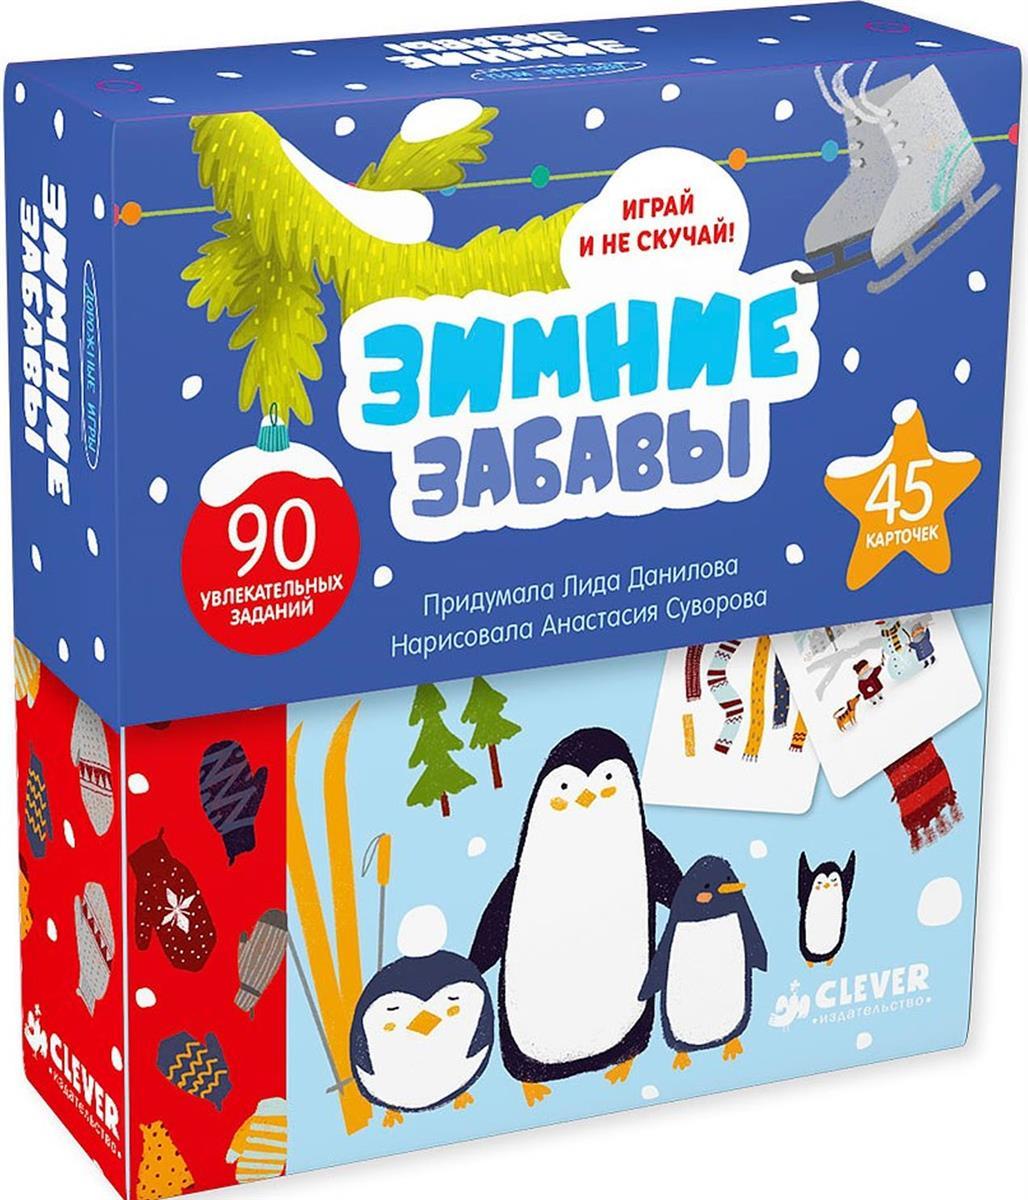 Данилова Л. Зимние забавы. 90 увлекательных заданий. 45 карточек цена